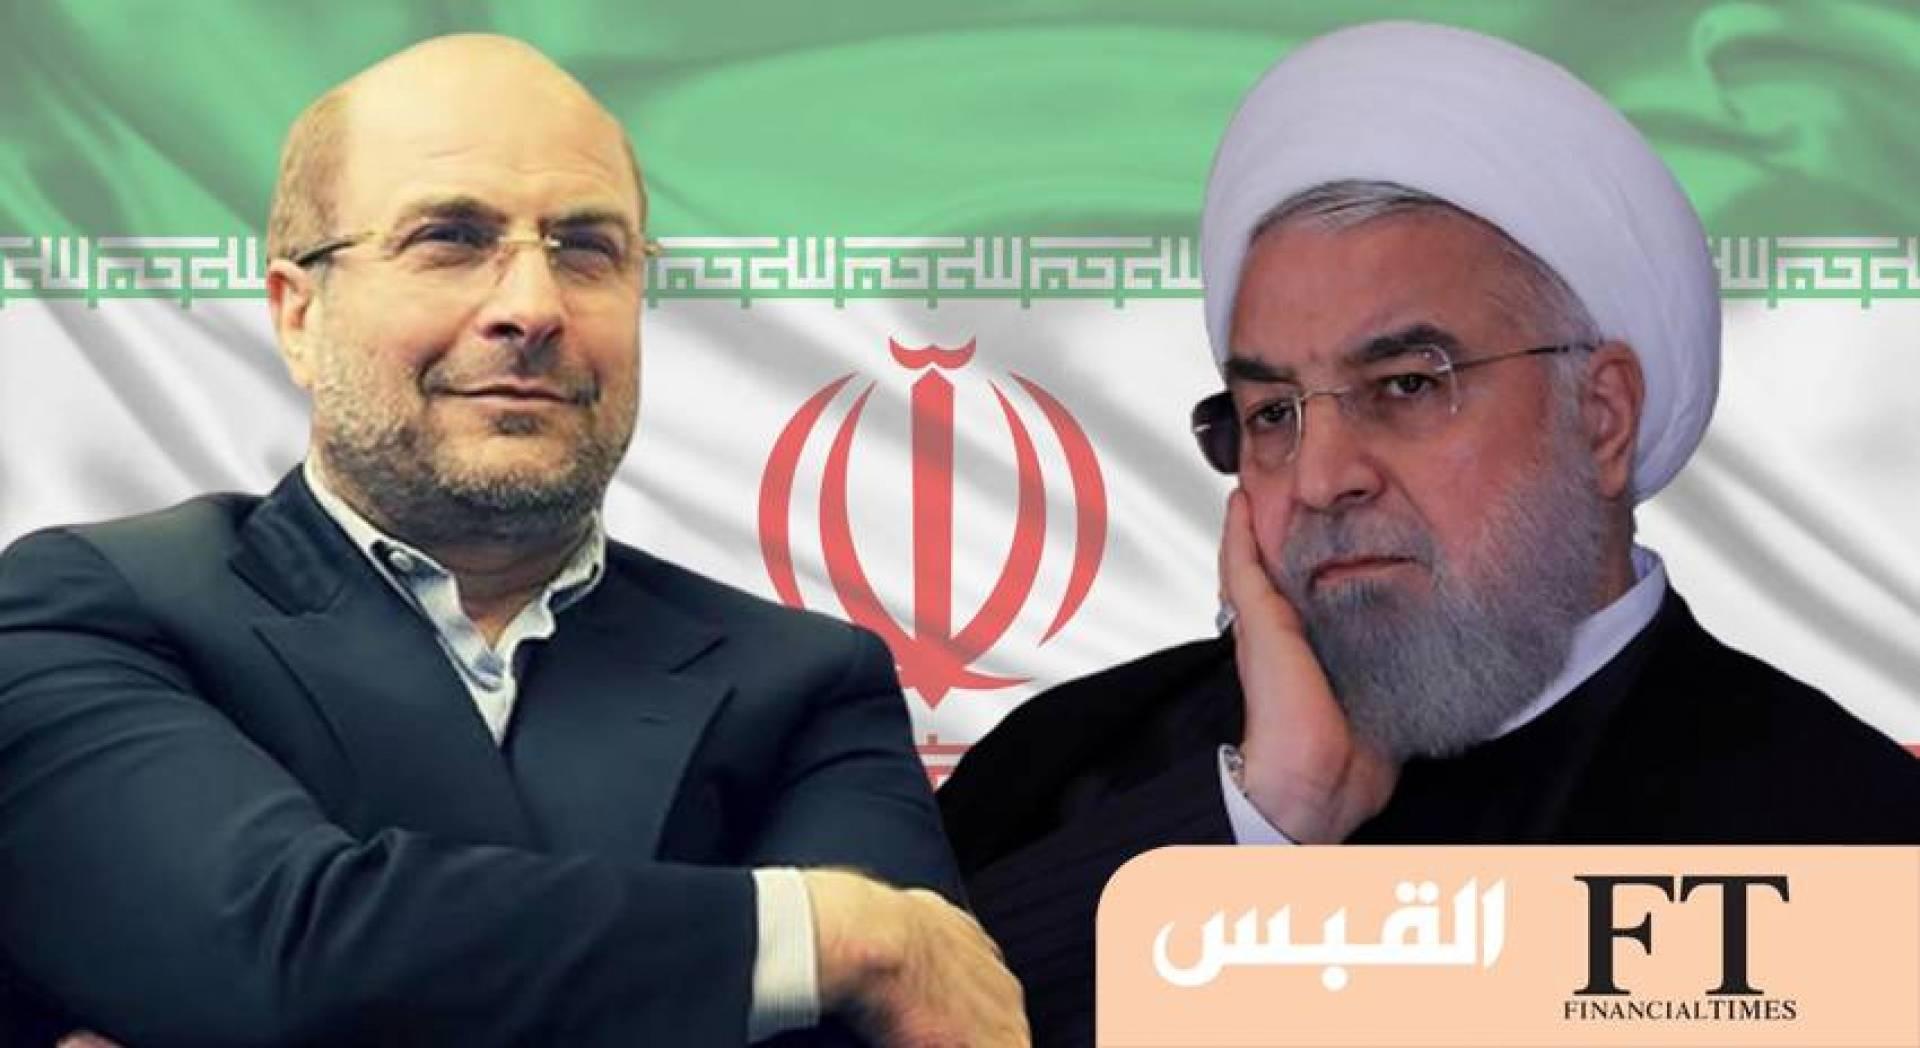 غاليباف رئيس البرلمان سيكون رئيساً لإيران.. بدعم من الحرس الثوري